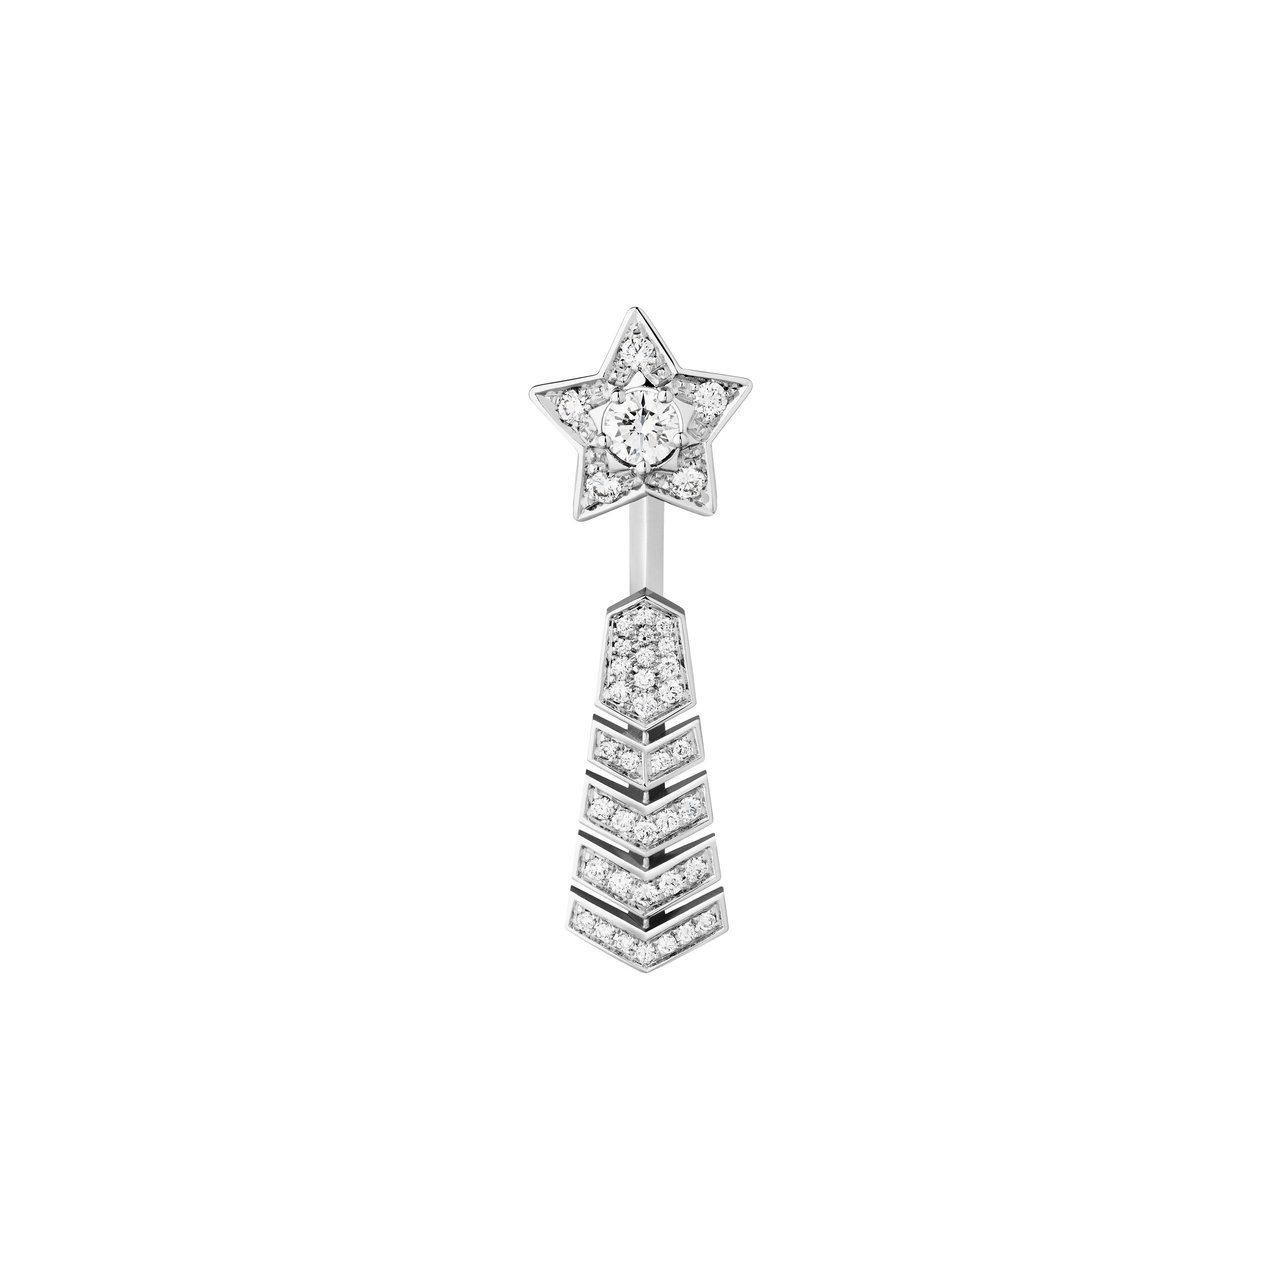 香奈兒Comète流星單邊耳環,18K白金,中央鑲嵌一顆0.15克拉鑽石及40顆...